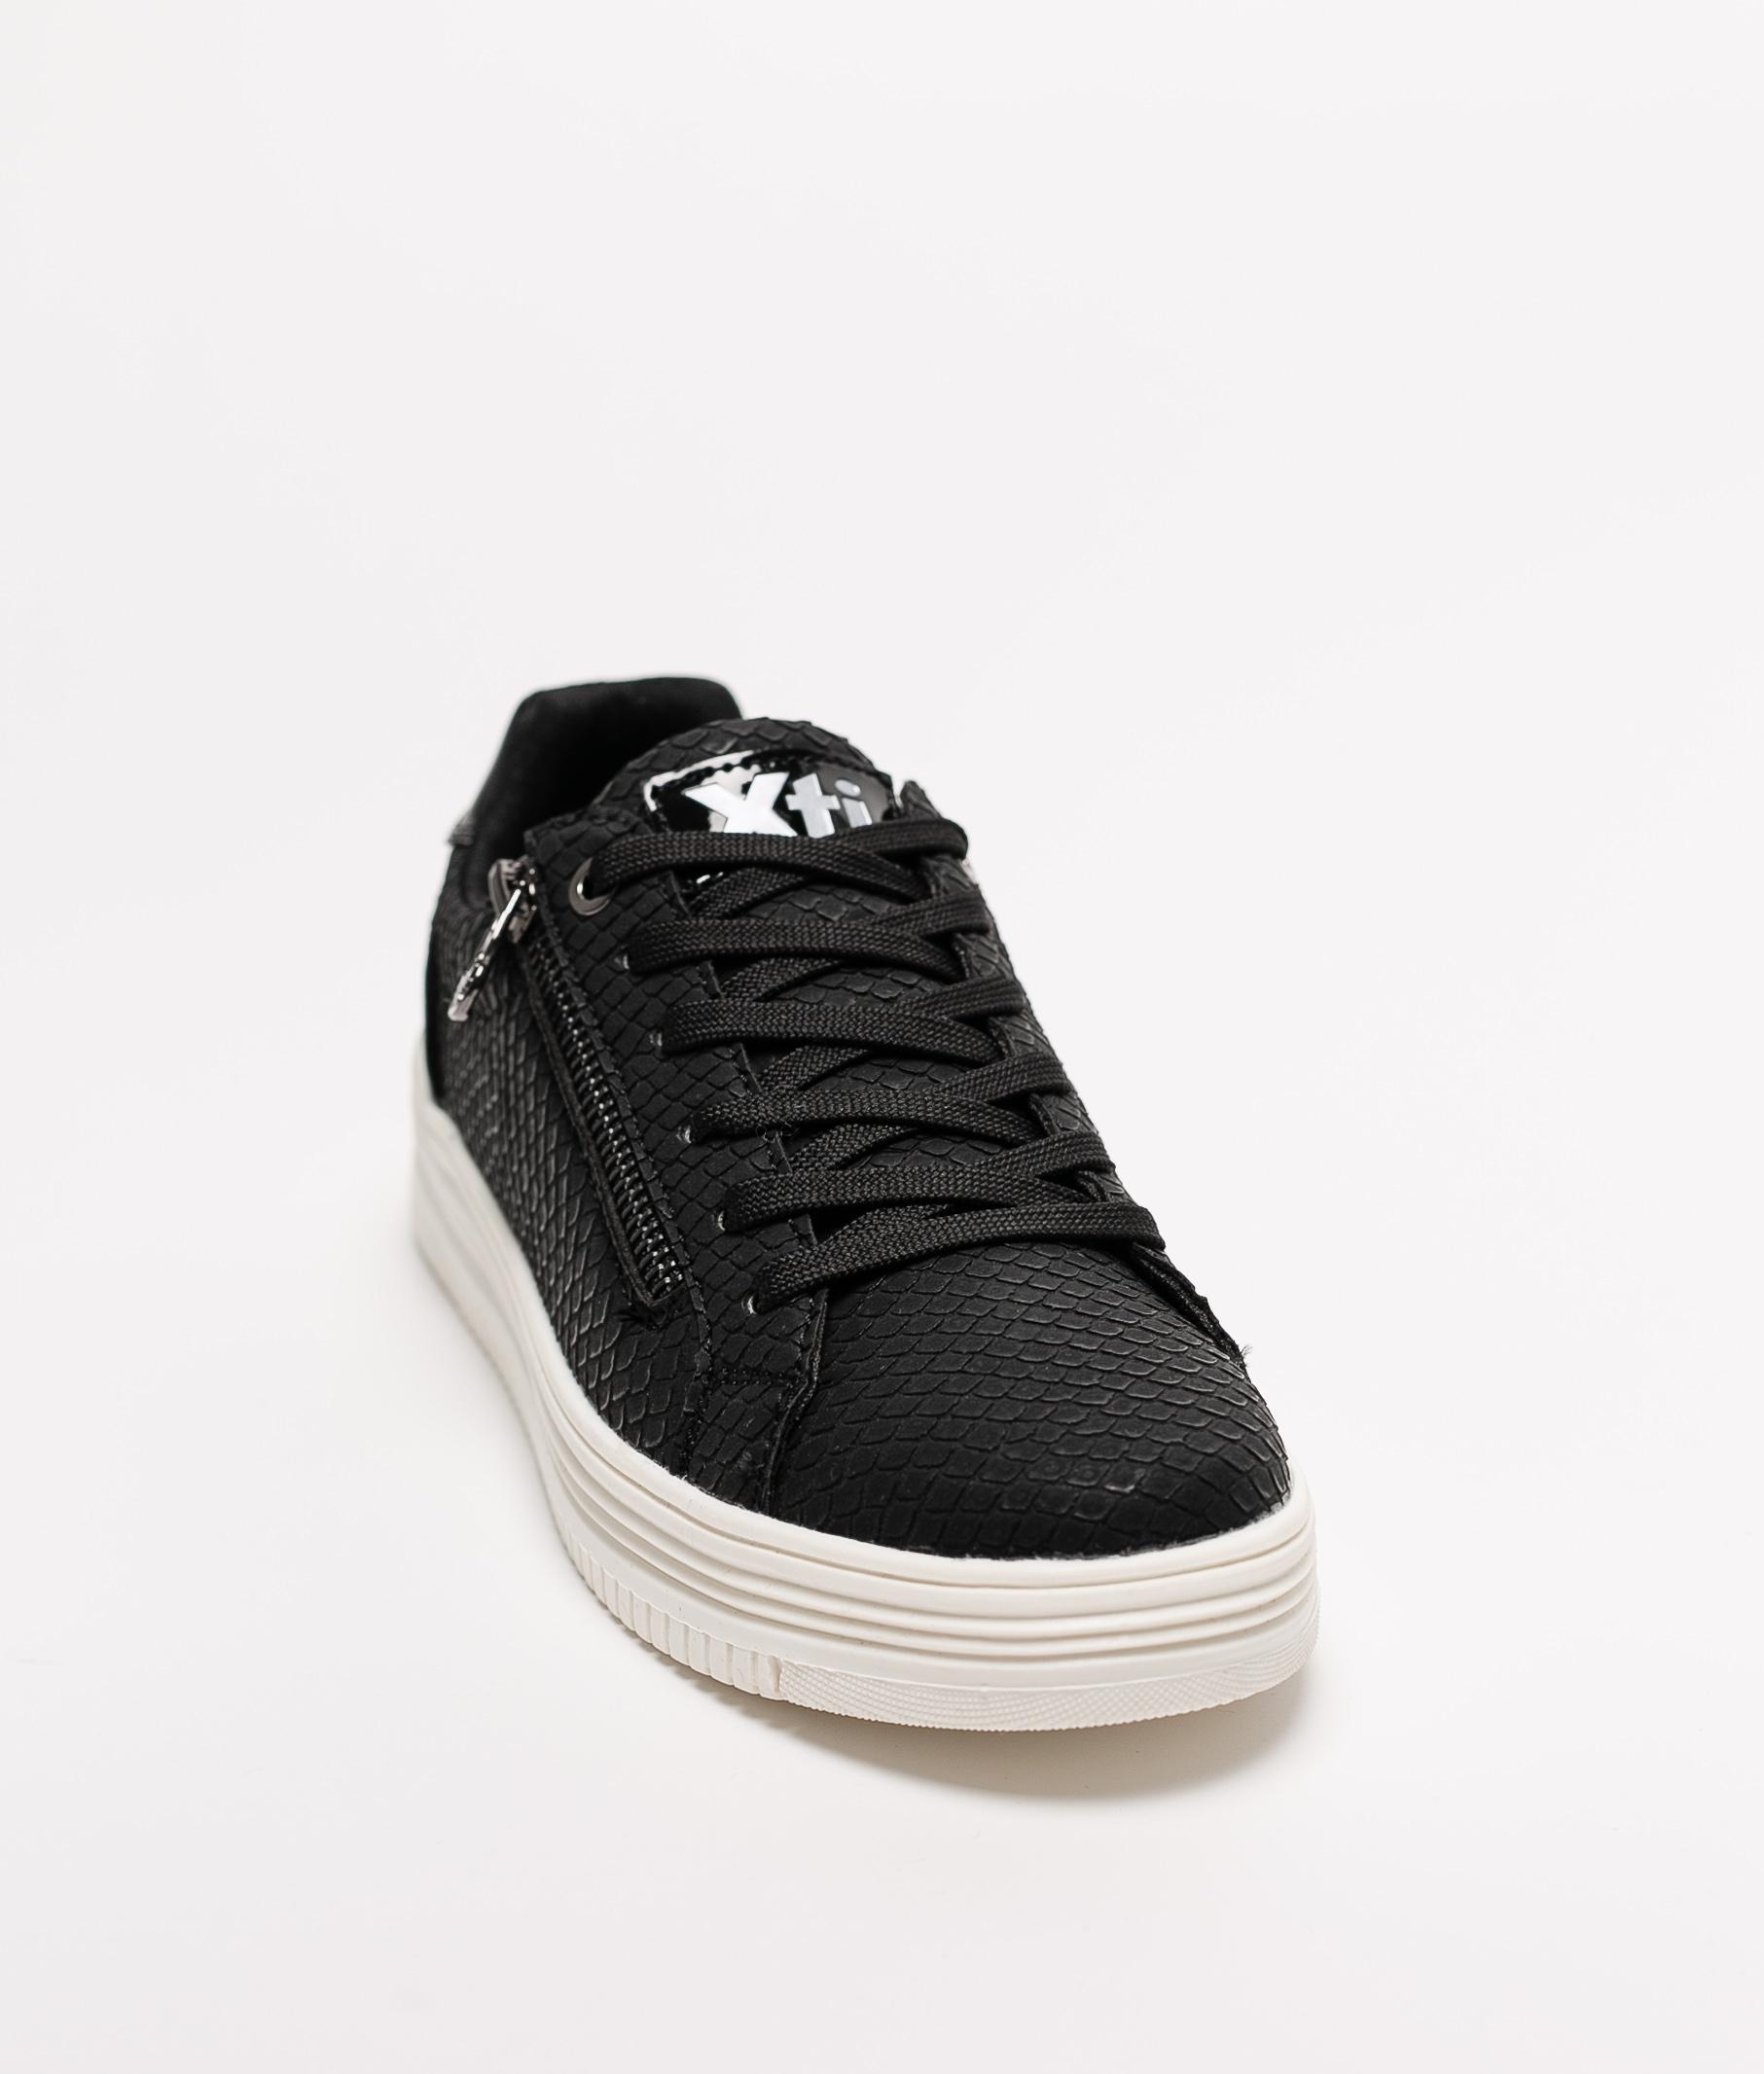 Sneakers Soule Xti - Black